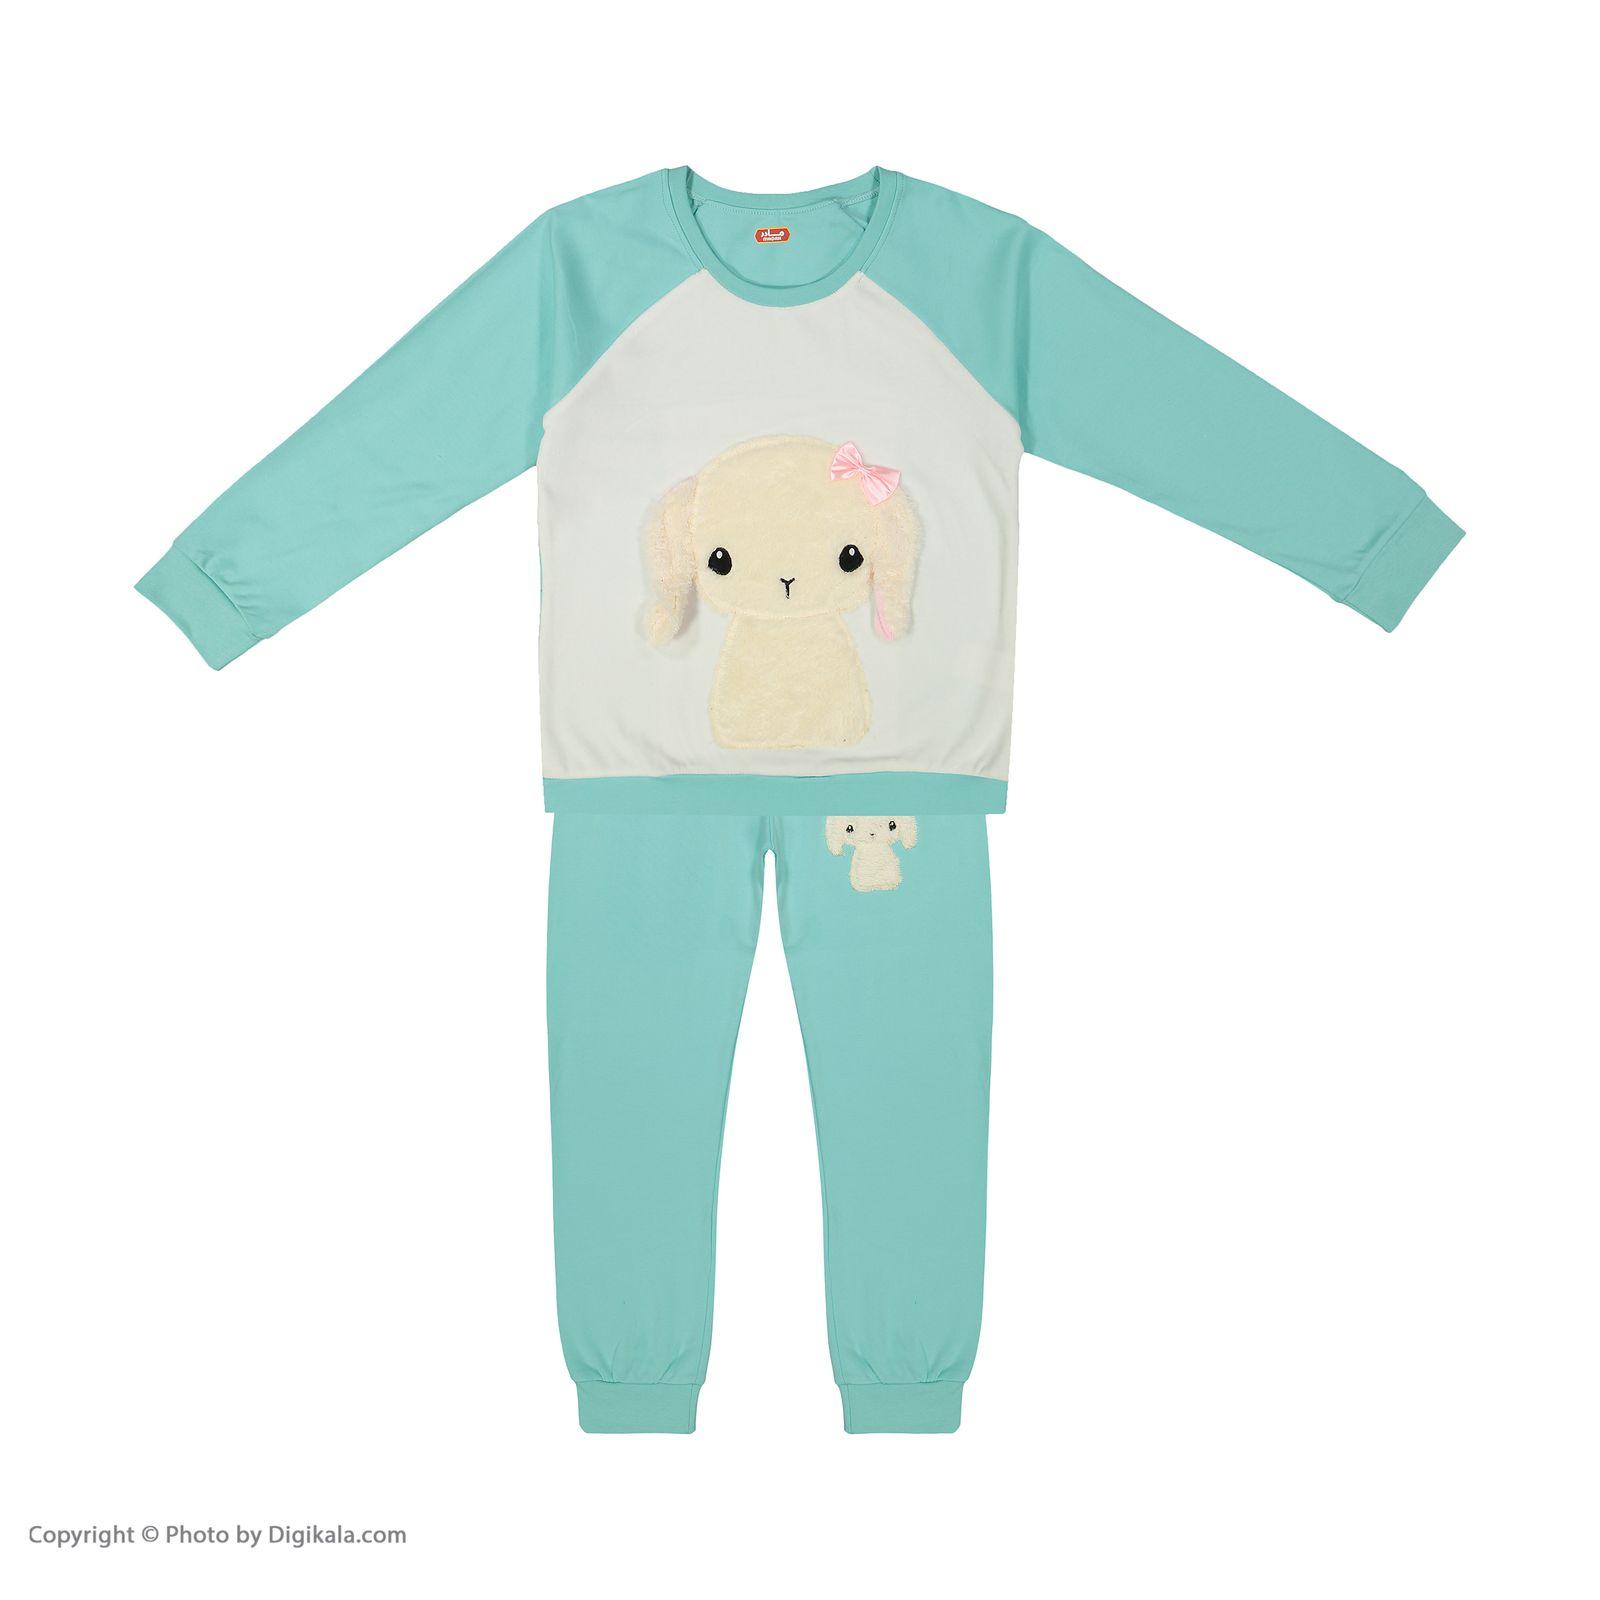 ست تی شرت و شلوار دخترانه مادر مدل 304-54 main 1 1